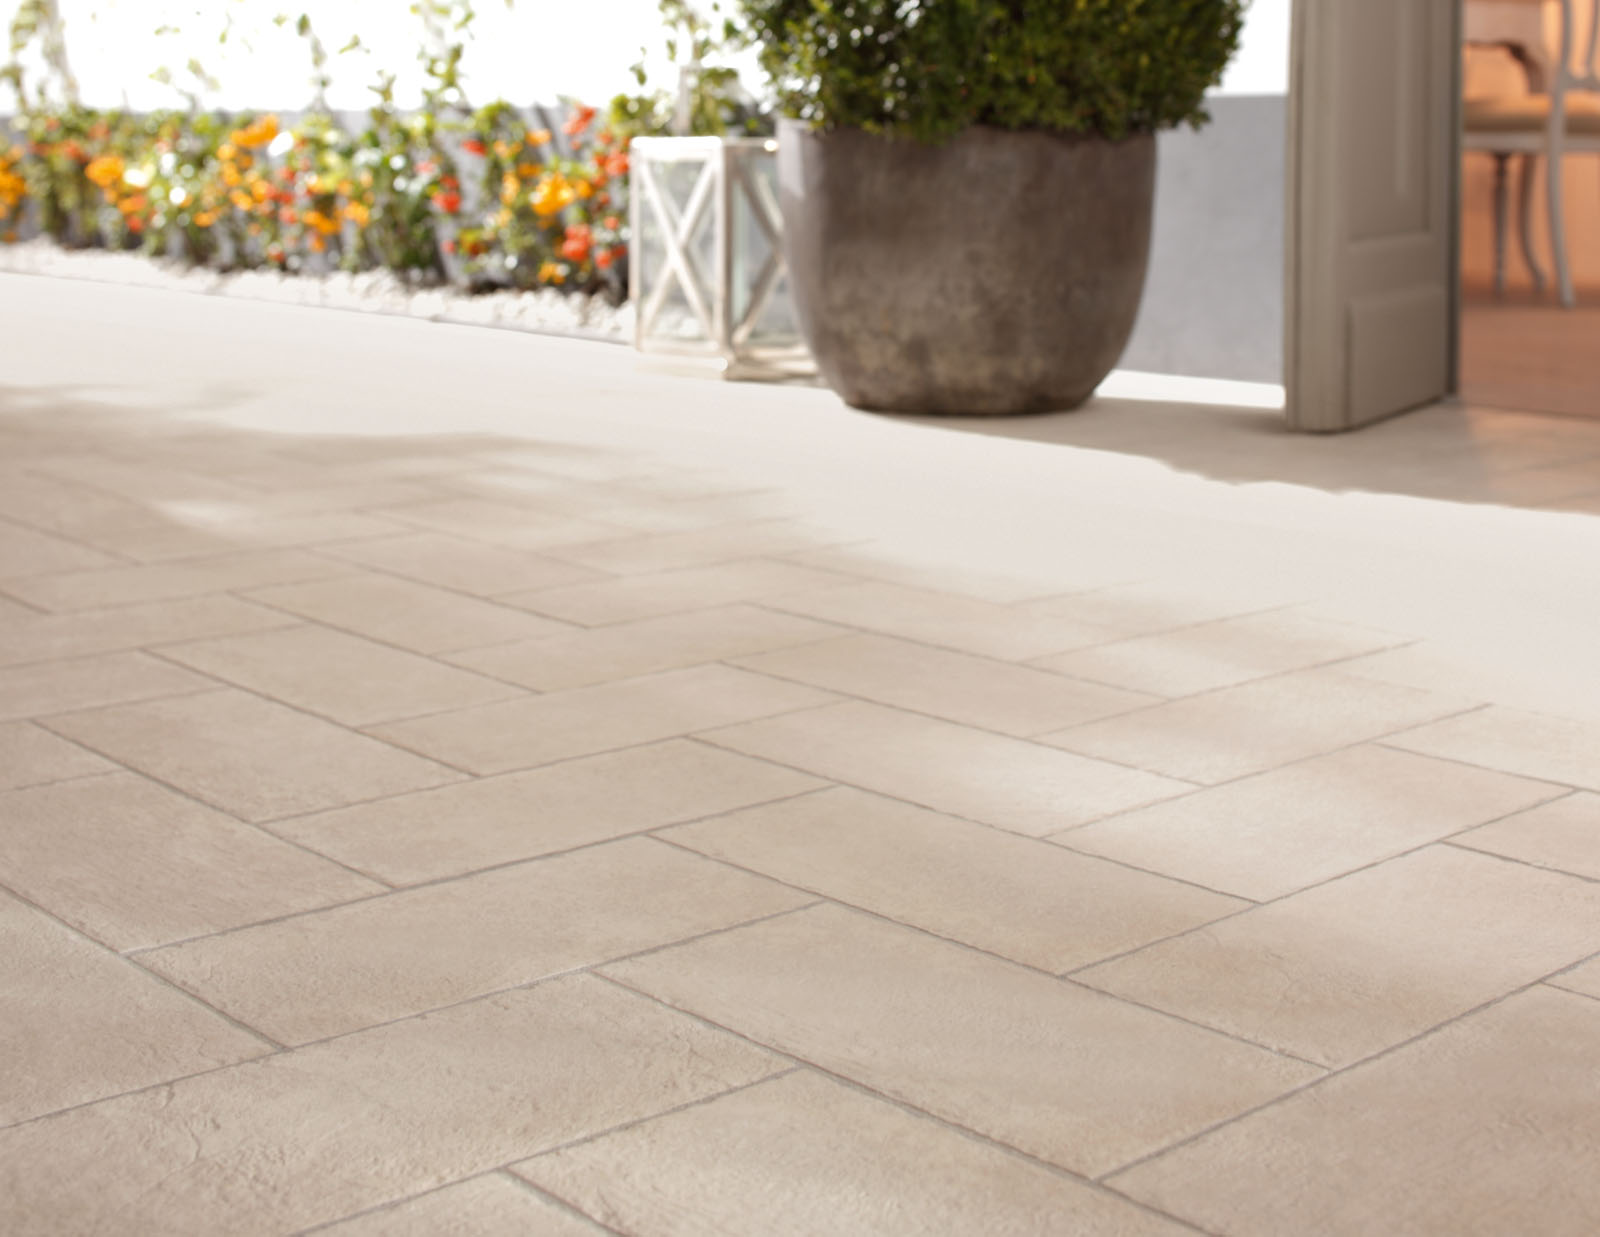 Pavimenti da appoggio per esterni piastrelle in cemento da